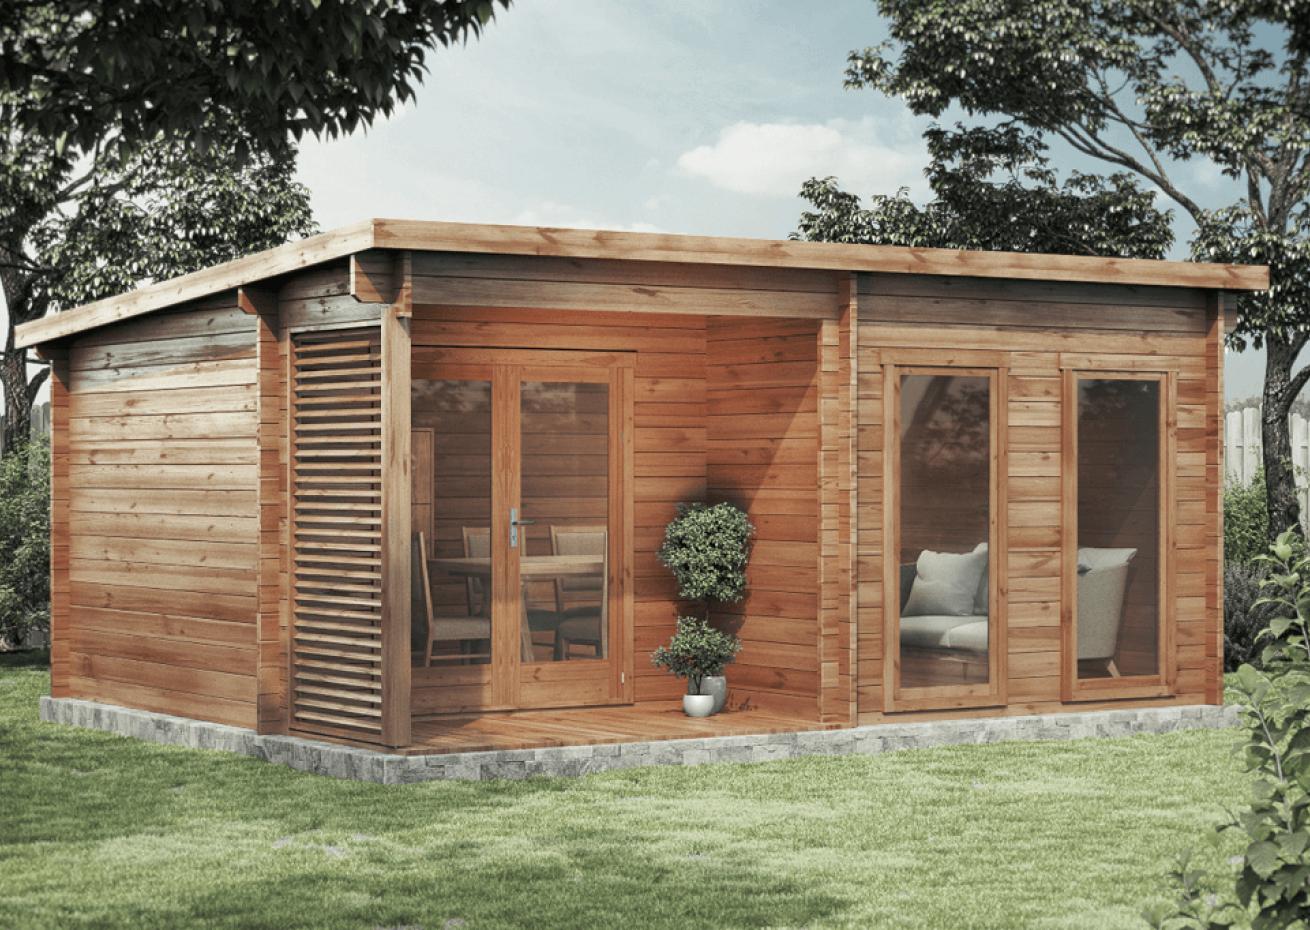 Gartenhaus Modell Orkus44 Gartenhaus, Haus und Doppeltüren